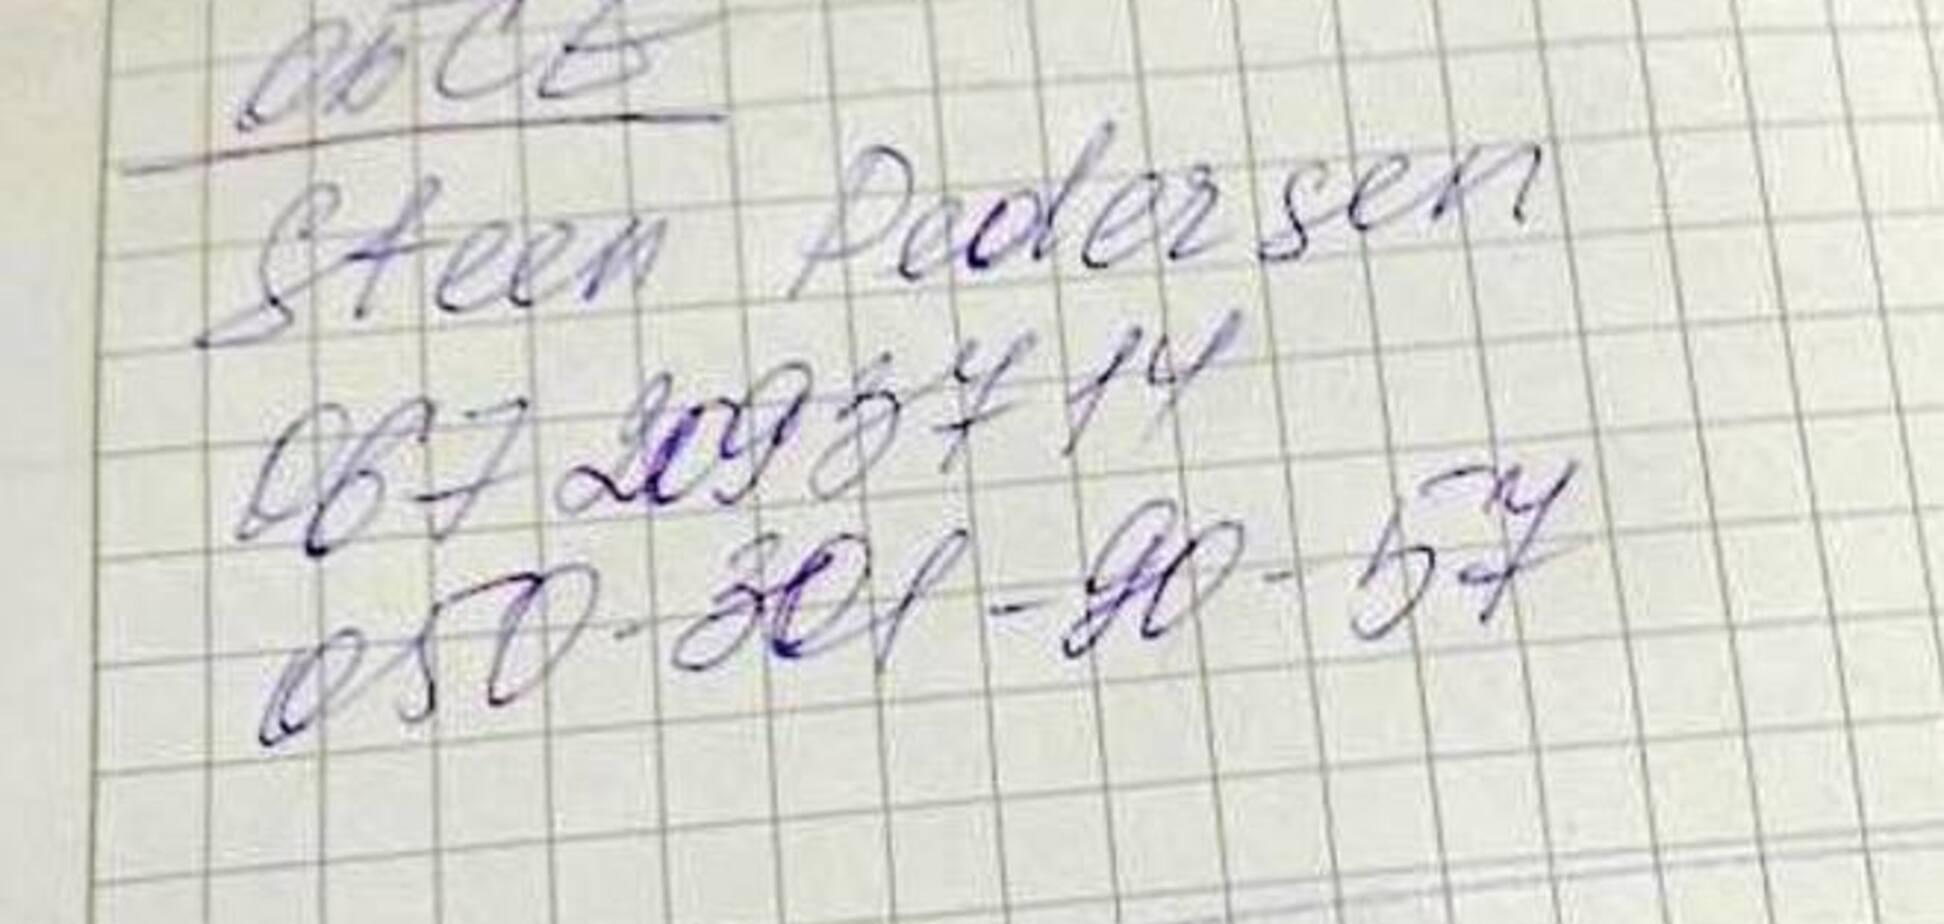 В Жолобке в плен боевиков попали 15 мирных жителей, ОБСЕ не реагирует - блогер